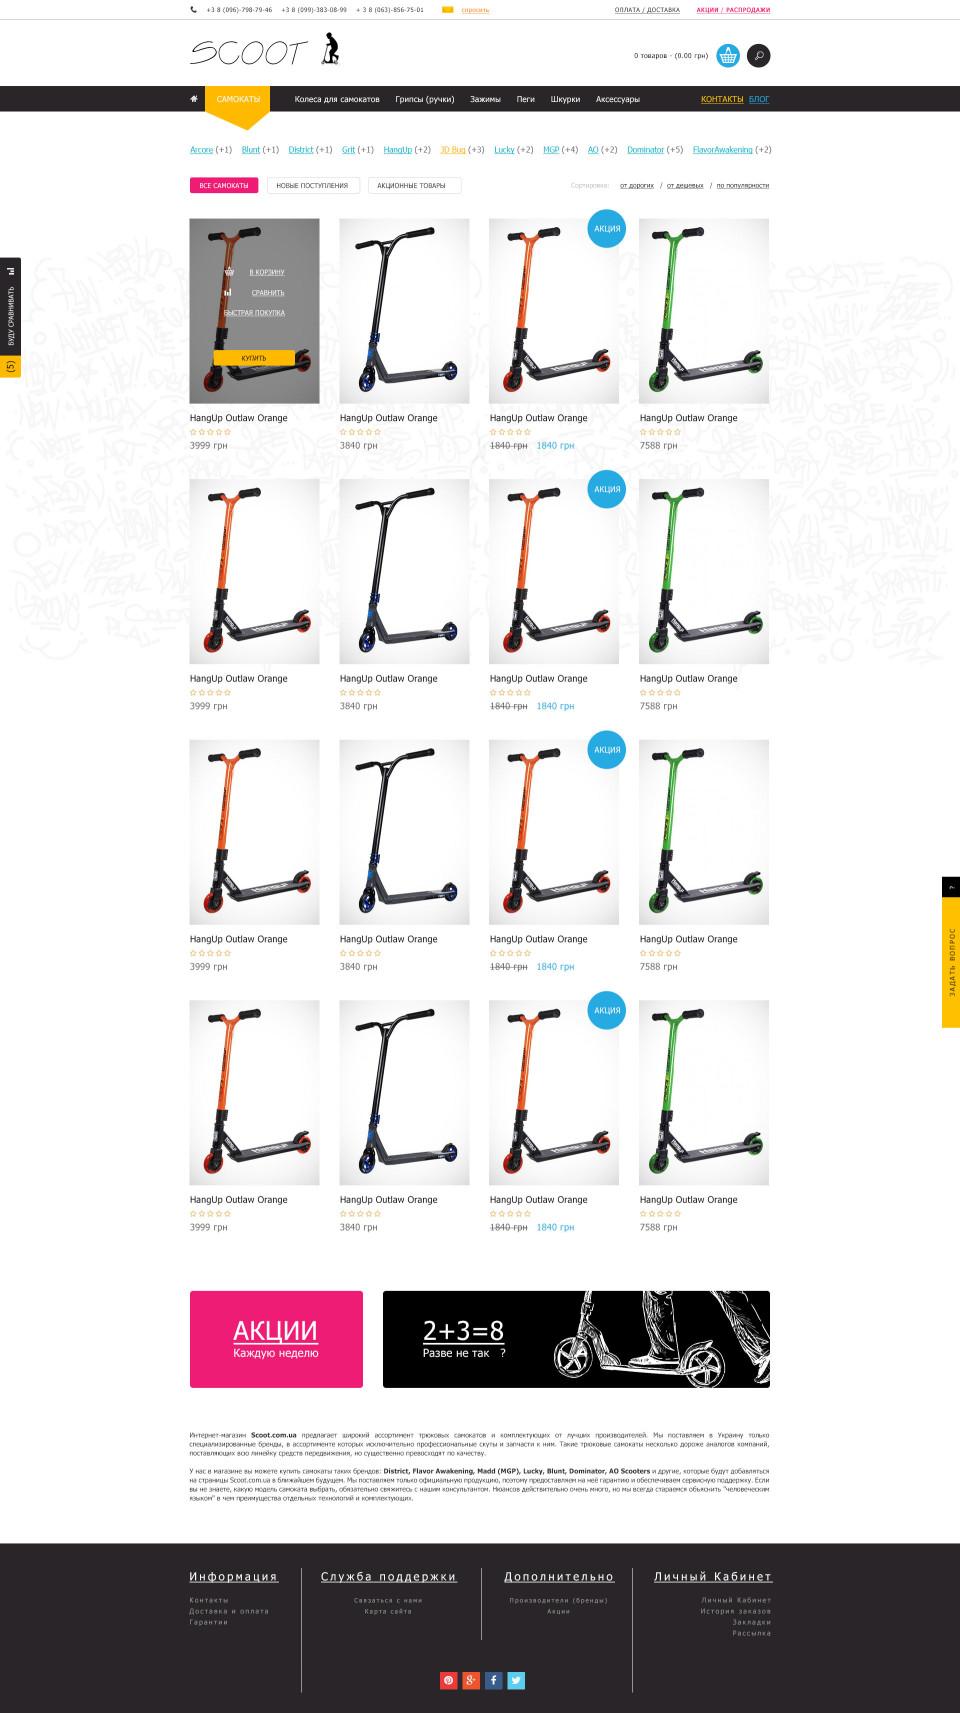 Интернет магазин трюковых самокатов Scoot - Страница категории (макет)